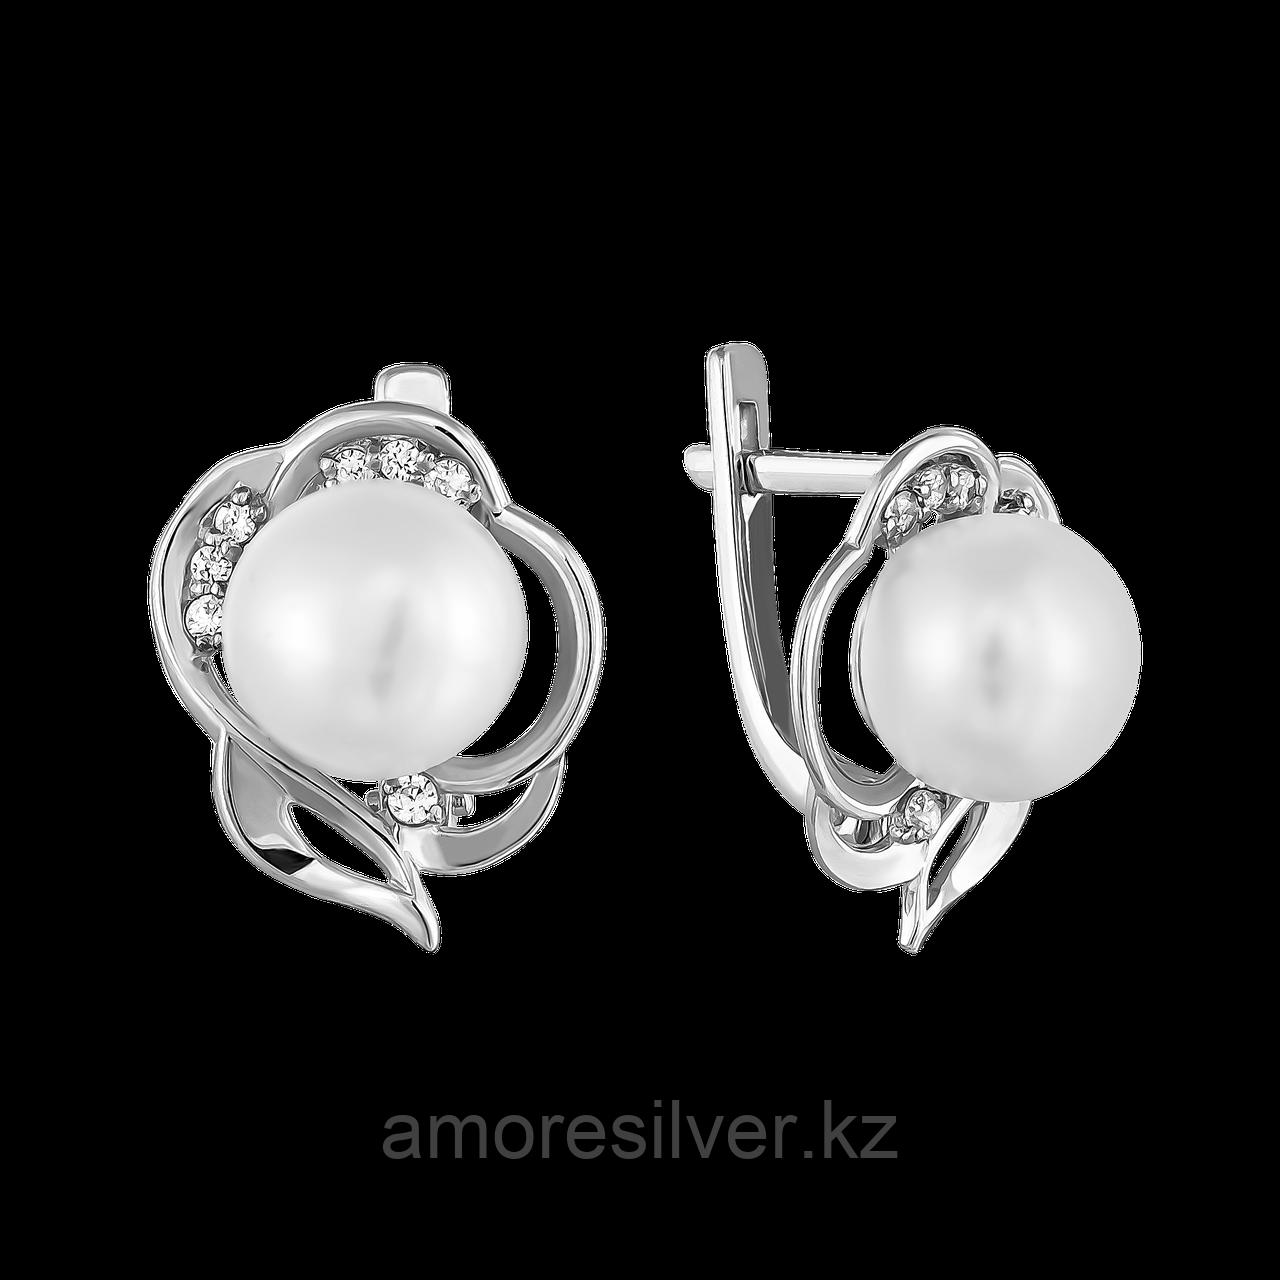 Серьги Teosa серебро с родием, фианит, флора 024-0814